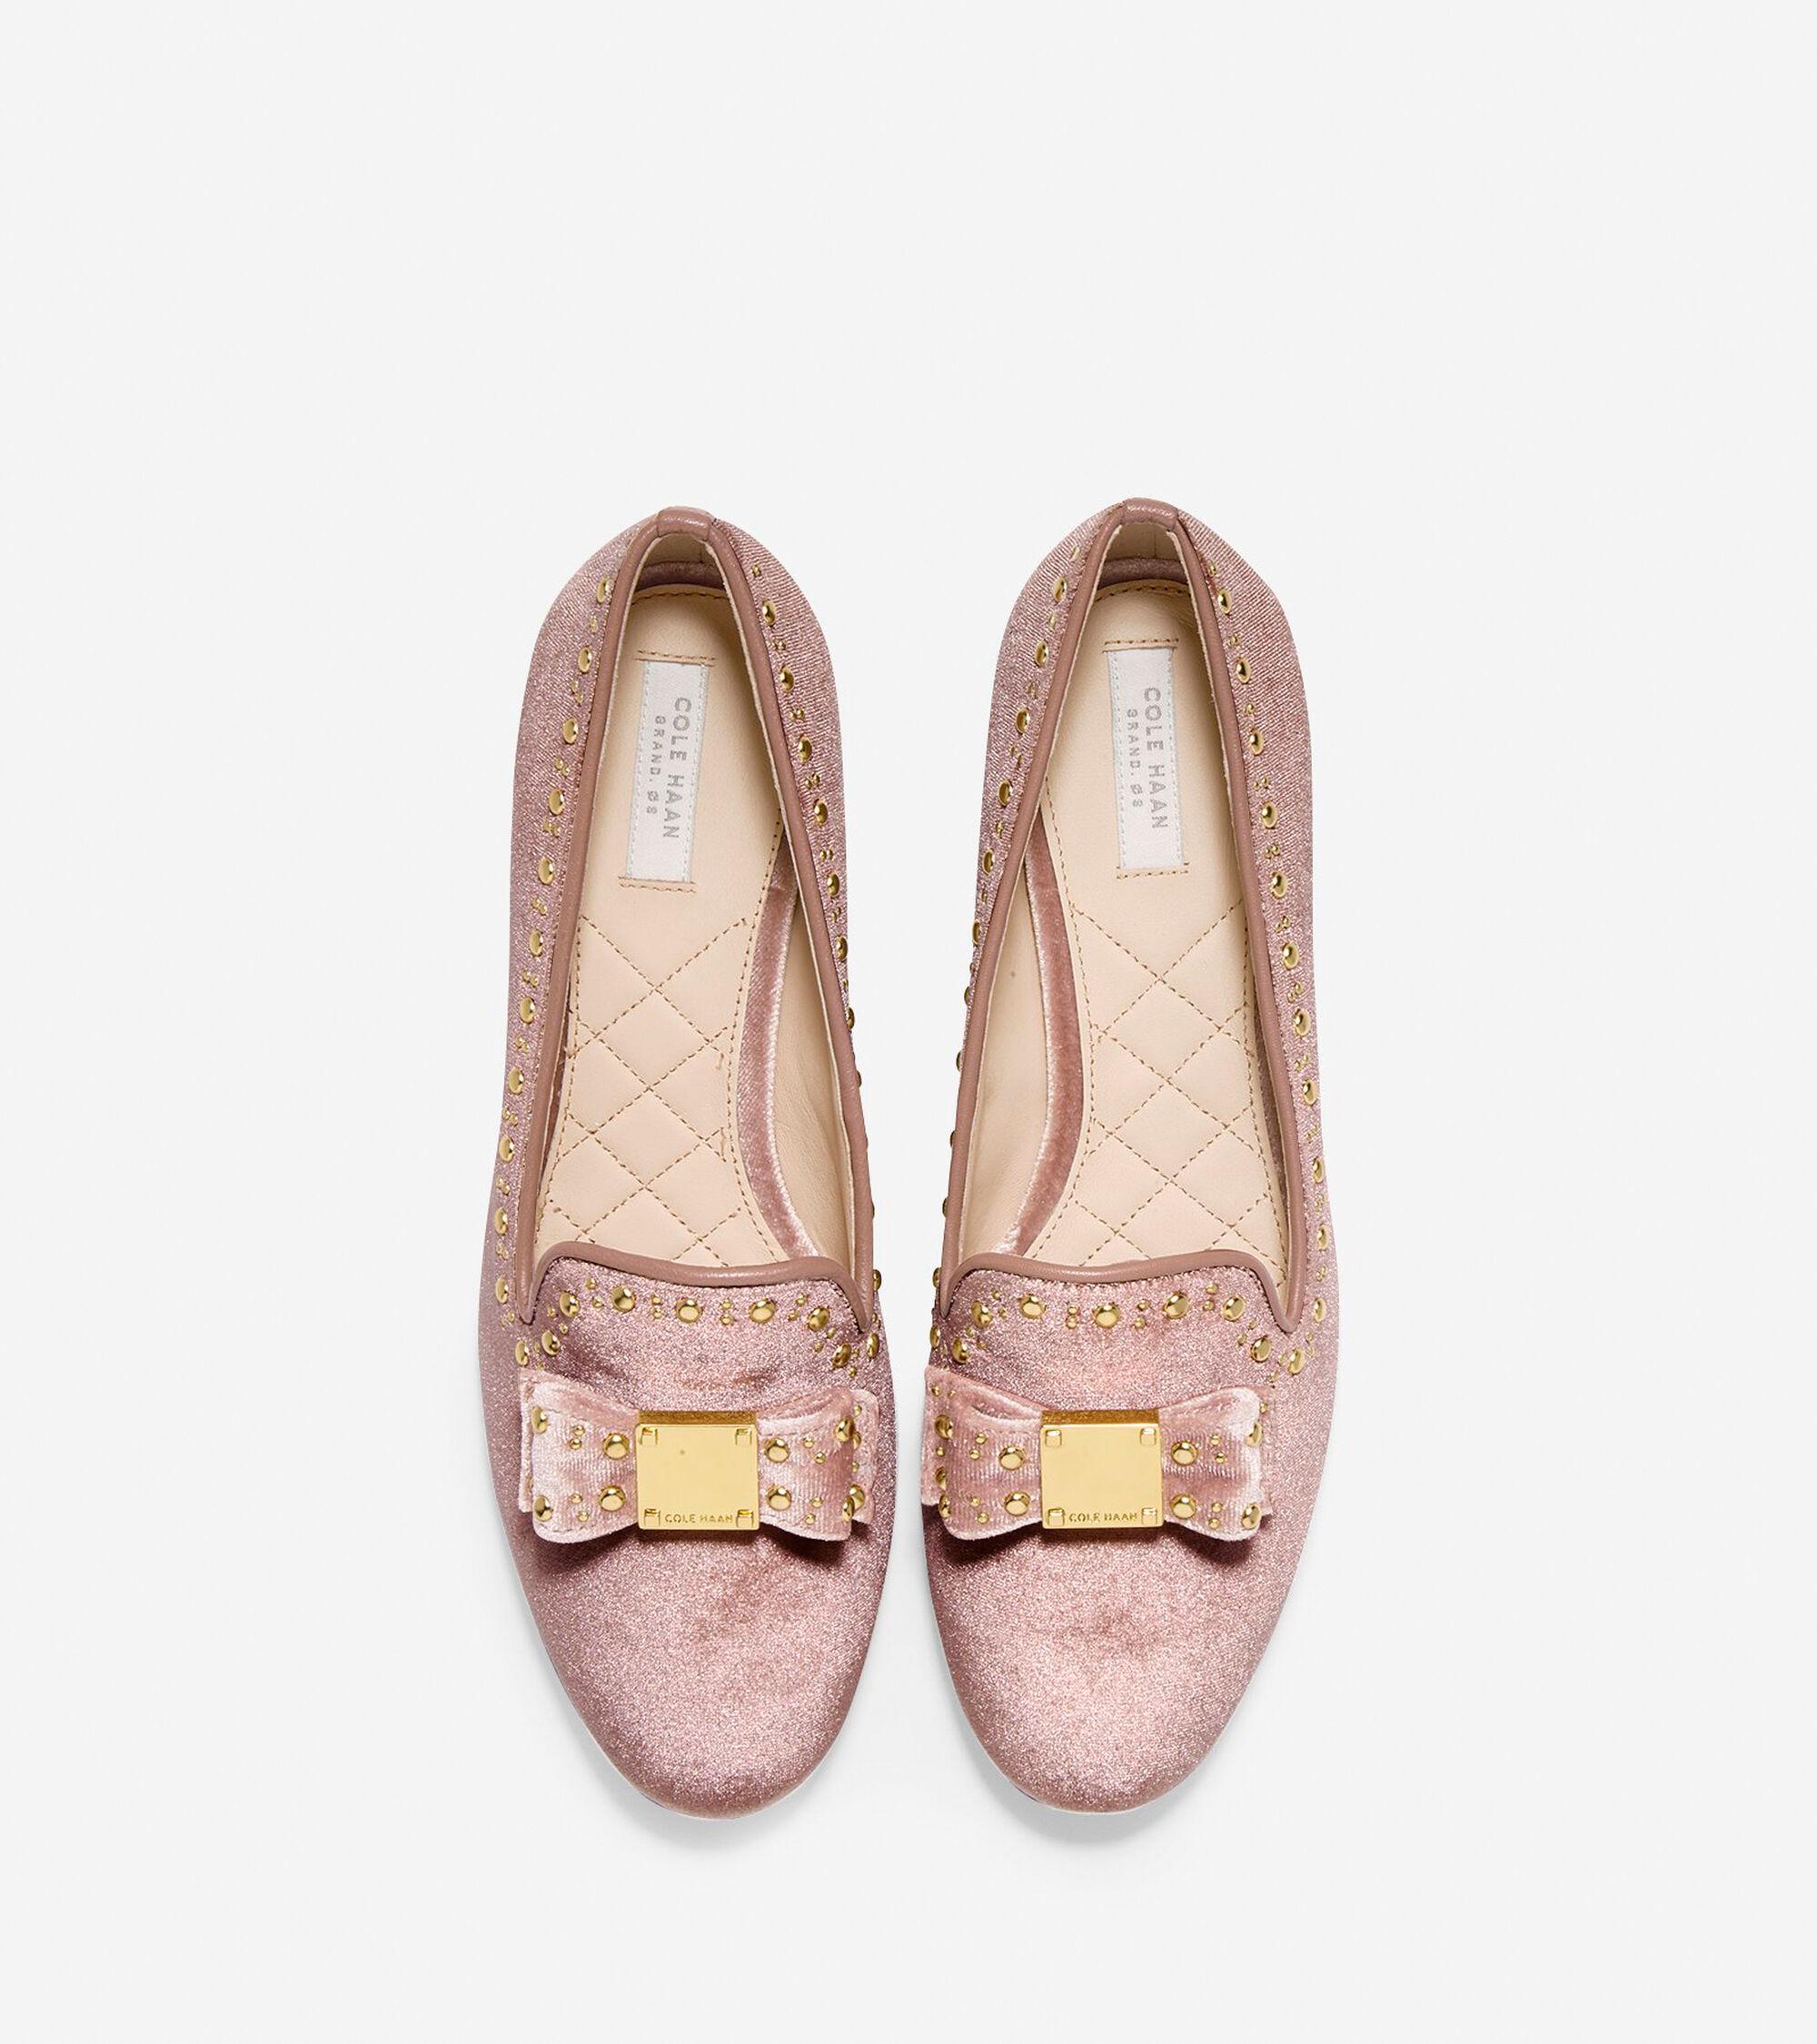 fc644b63838 Women s Tali Bow Stud Loafers in Nude Velvet